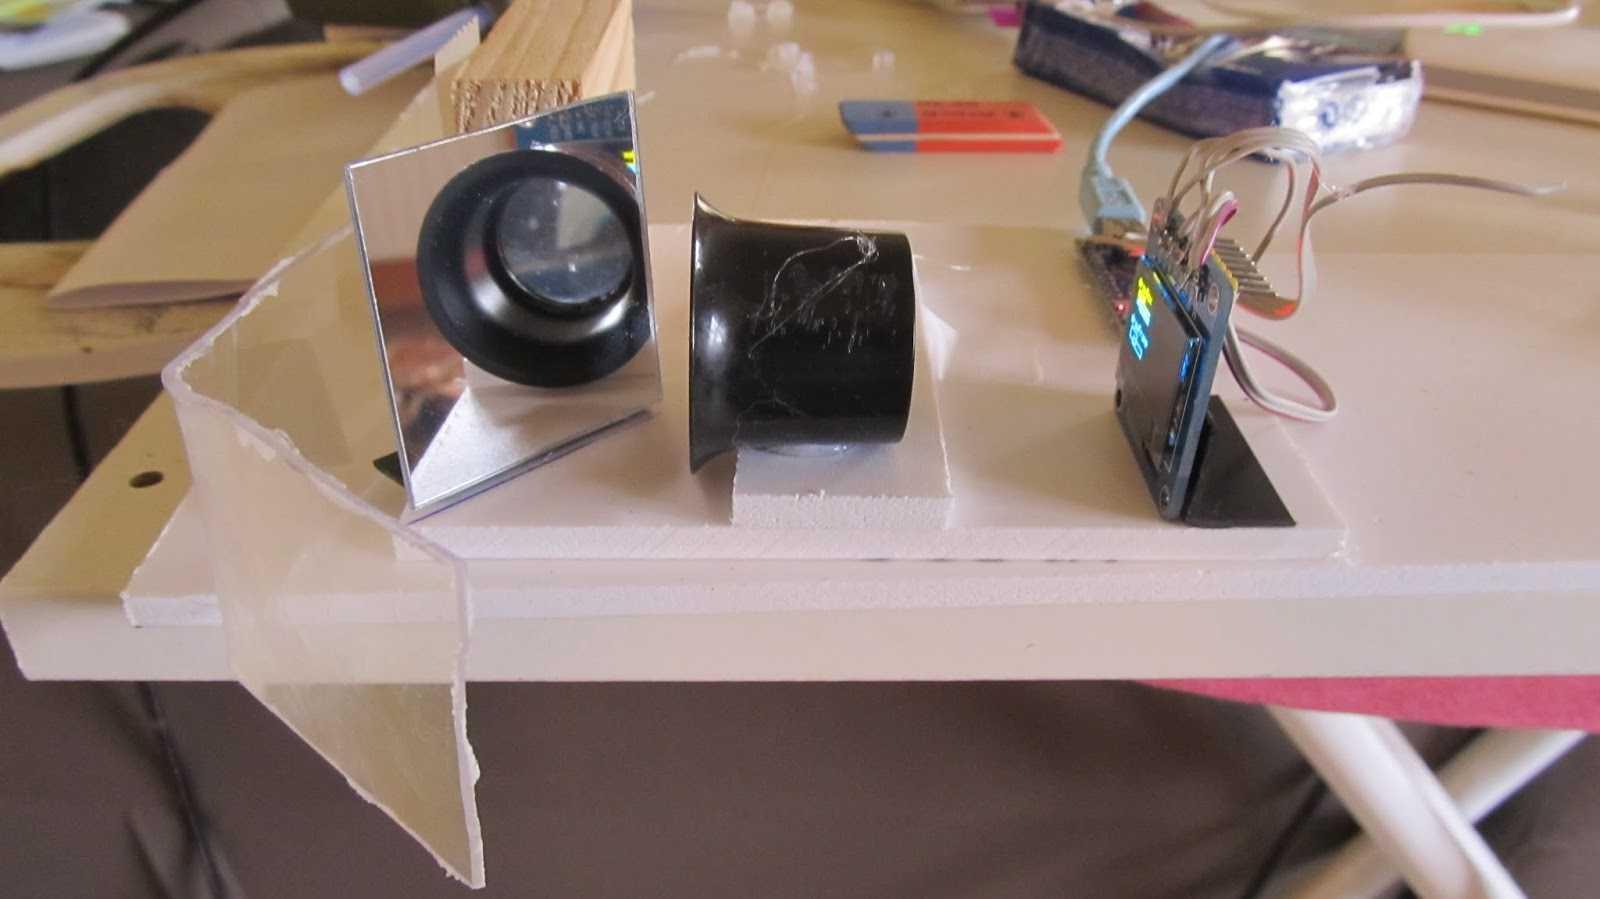 Linsenaufbau auf dem Tisch.